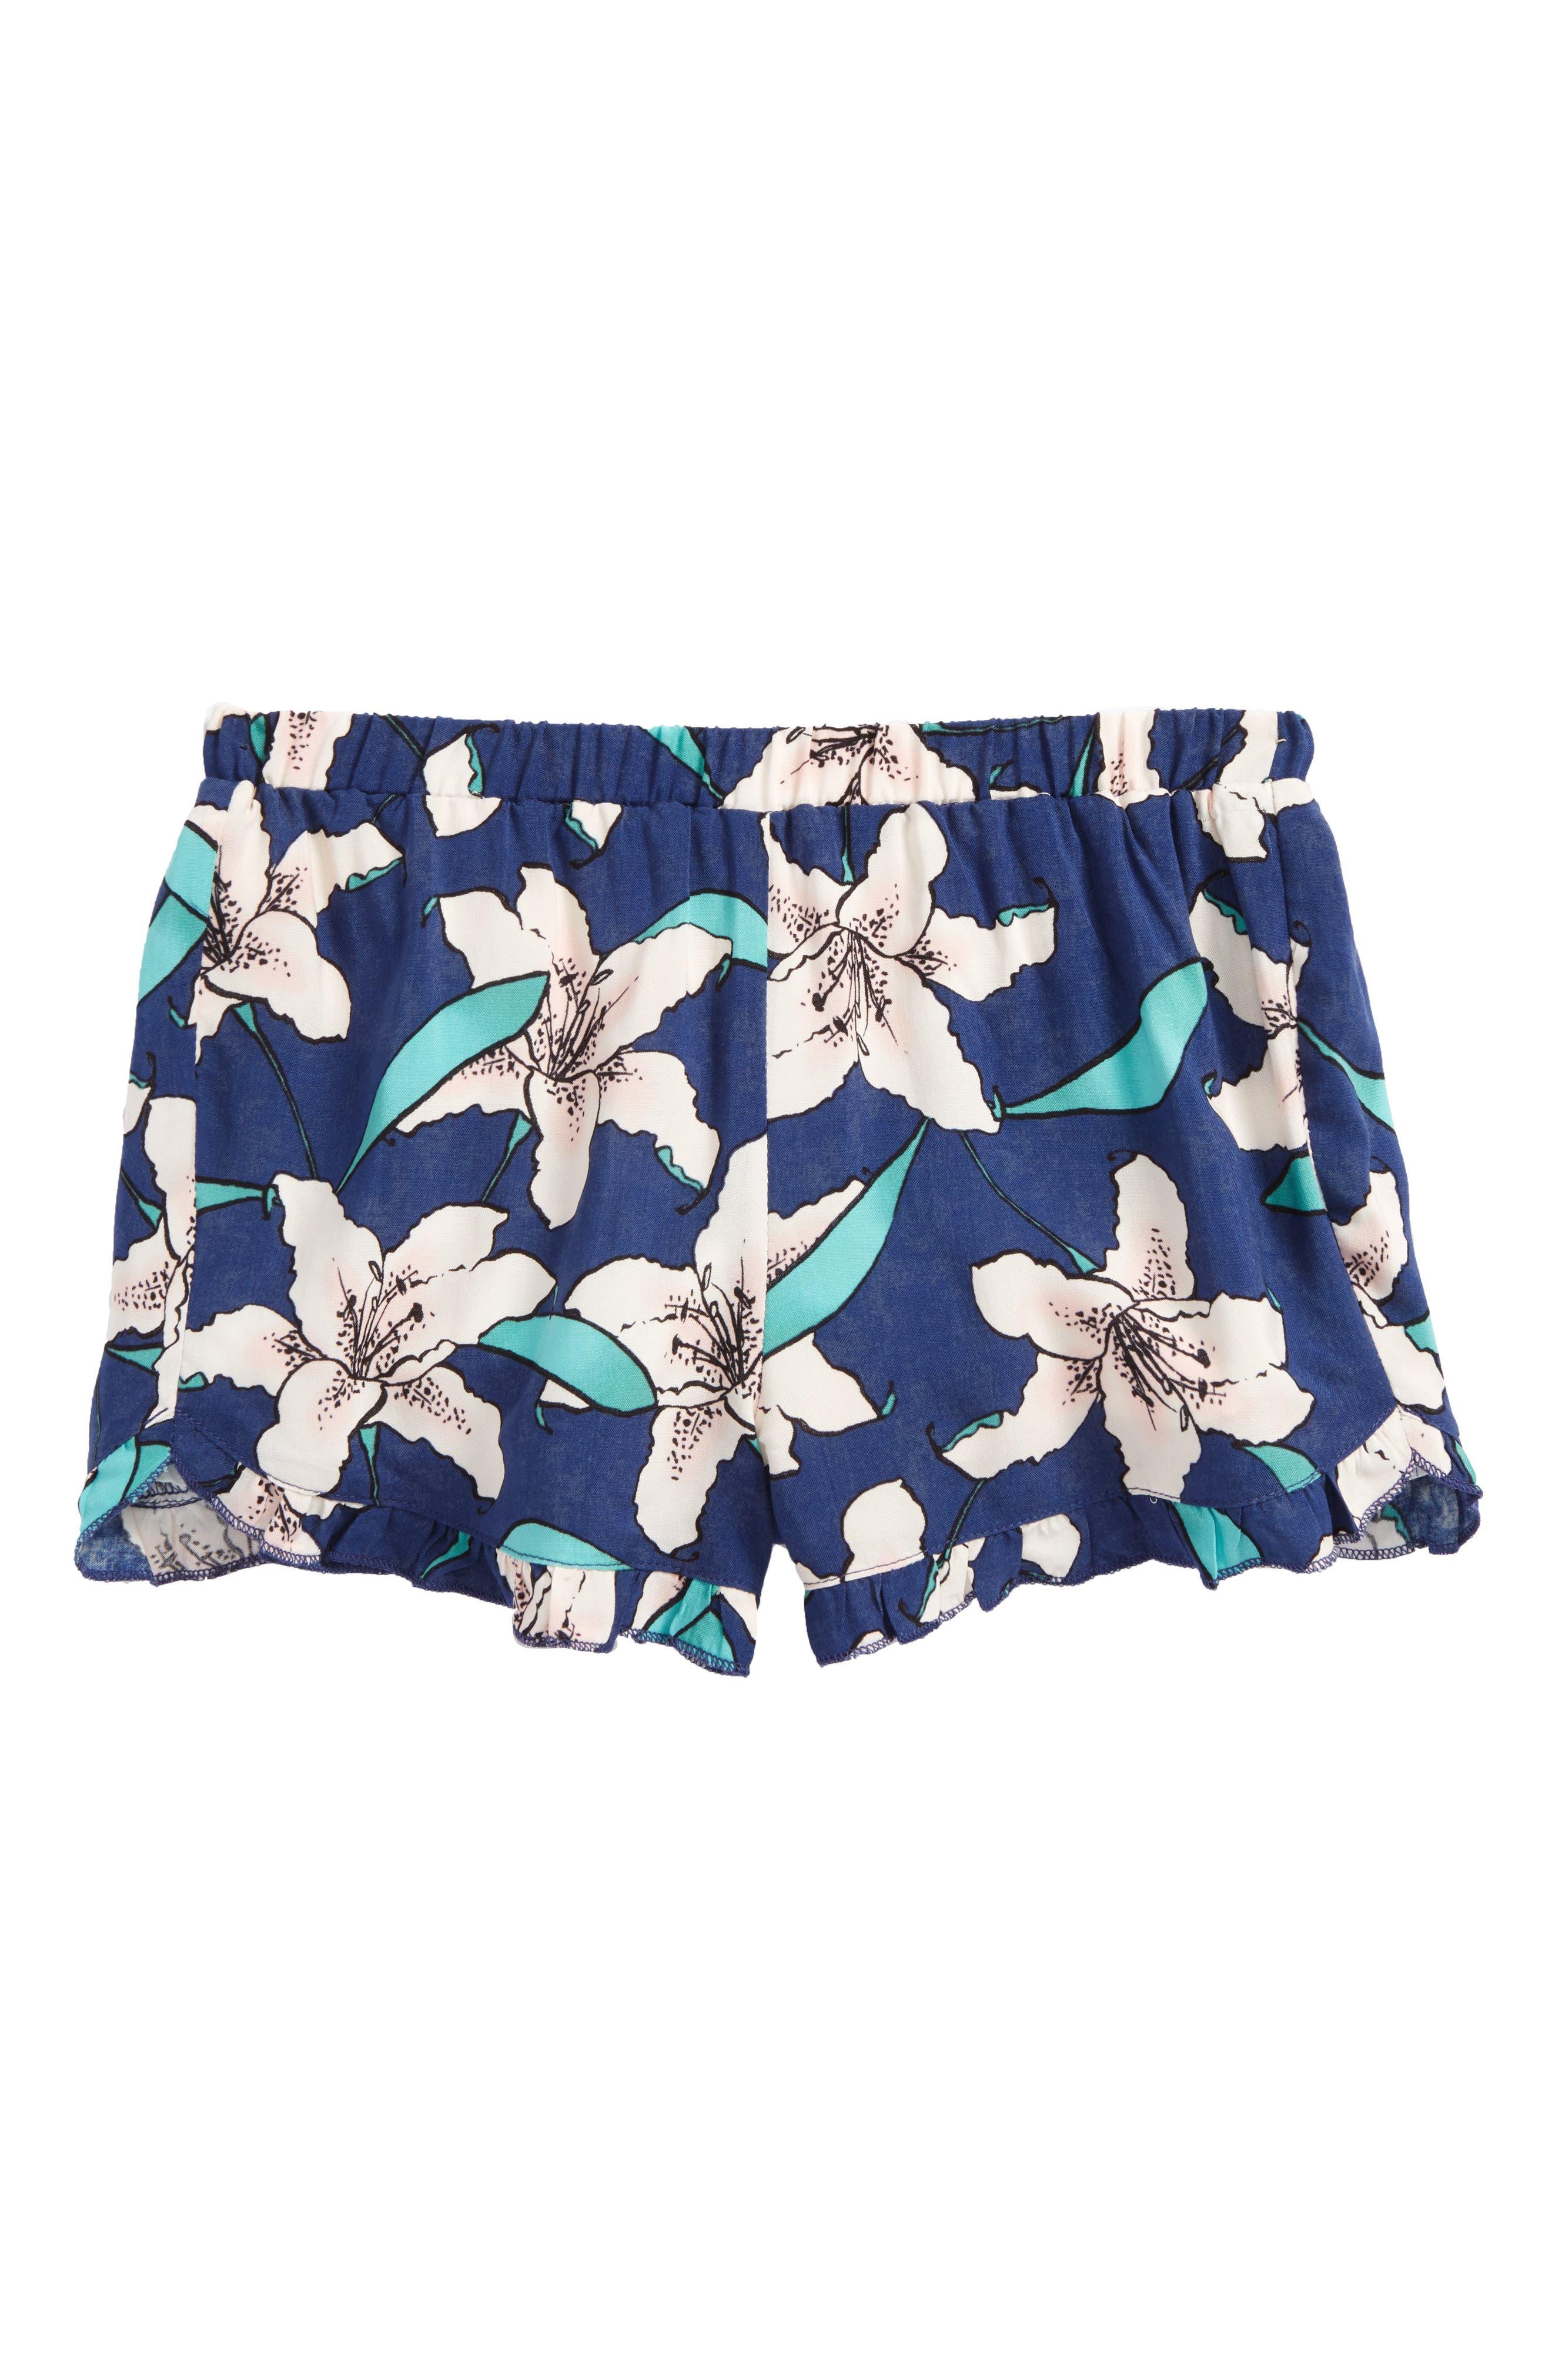 Winnie Floral Shorts,                         Main,                         color, Estate Blue